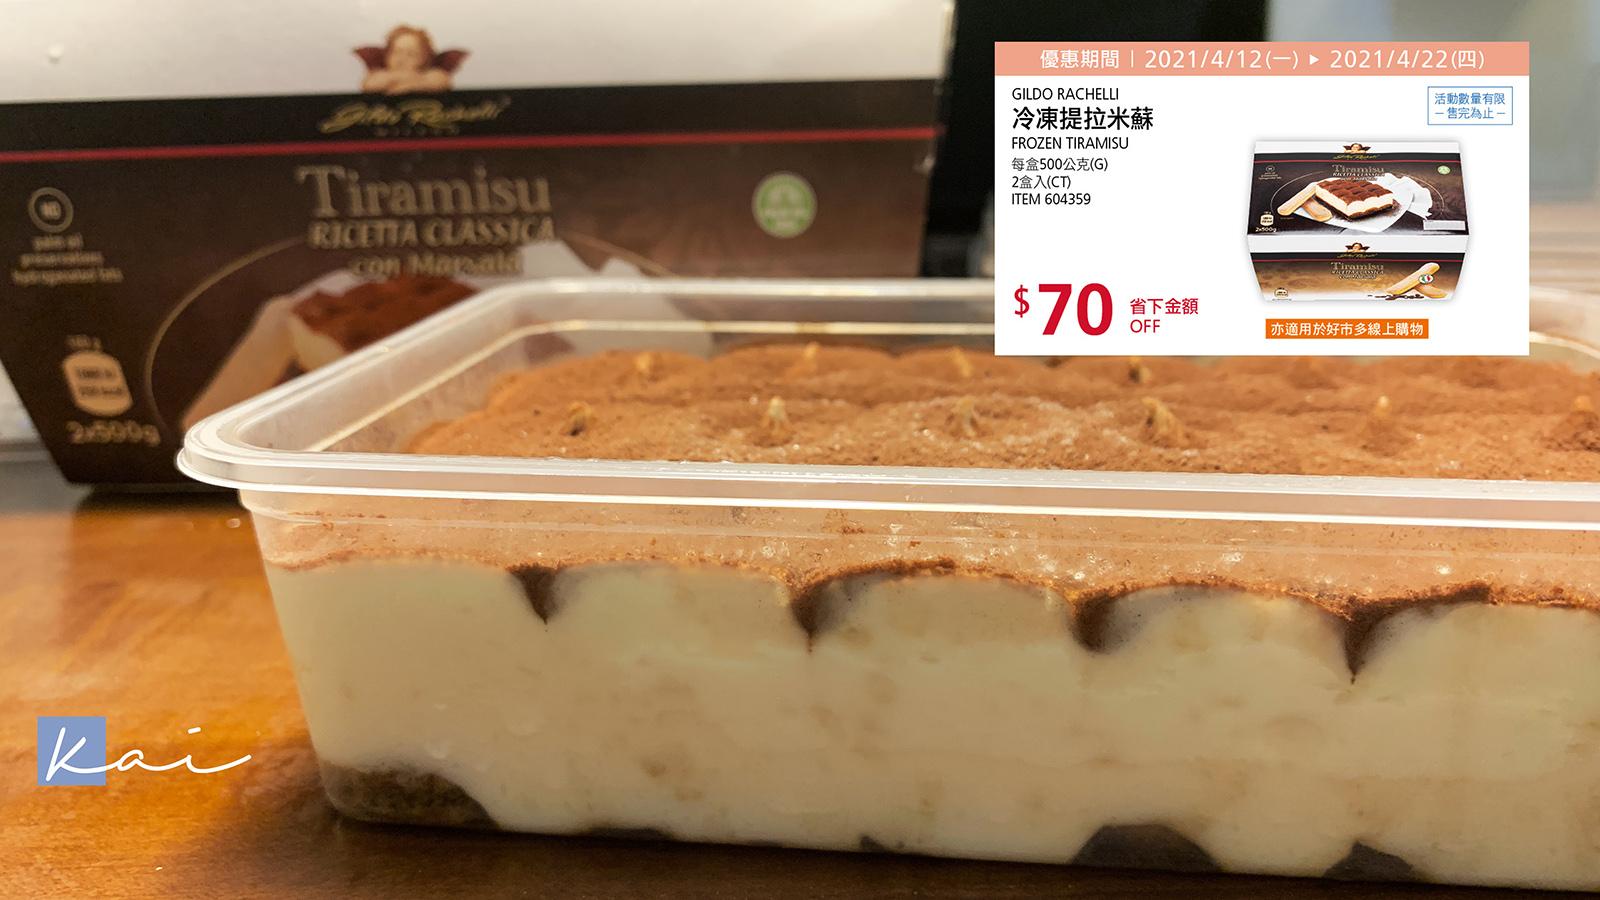 網站近期文章:☆【好市多美食】特價瘋搶!Gildo Rachelli 冷凍提拉米蘇這樣吃更好吃~